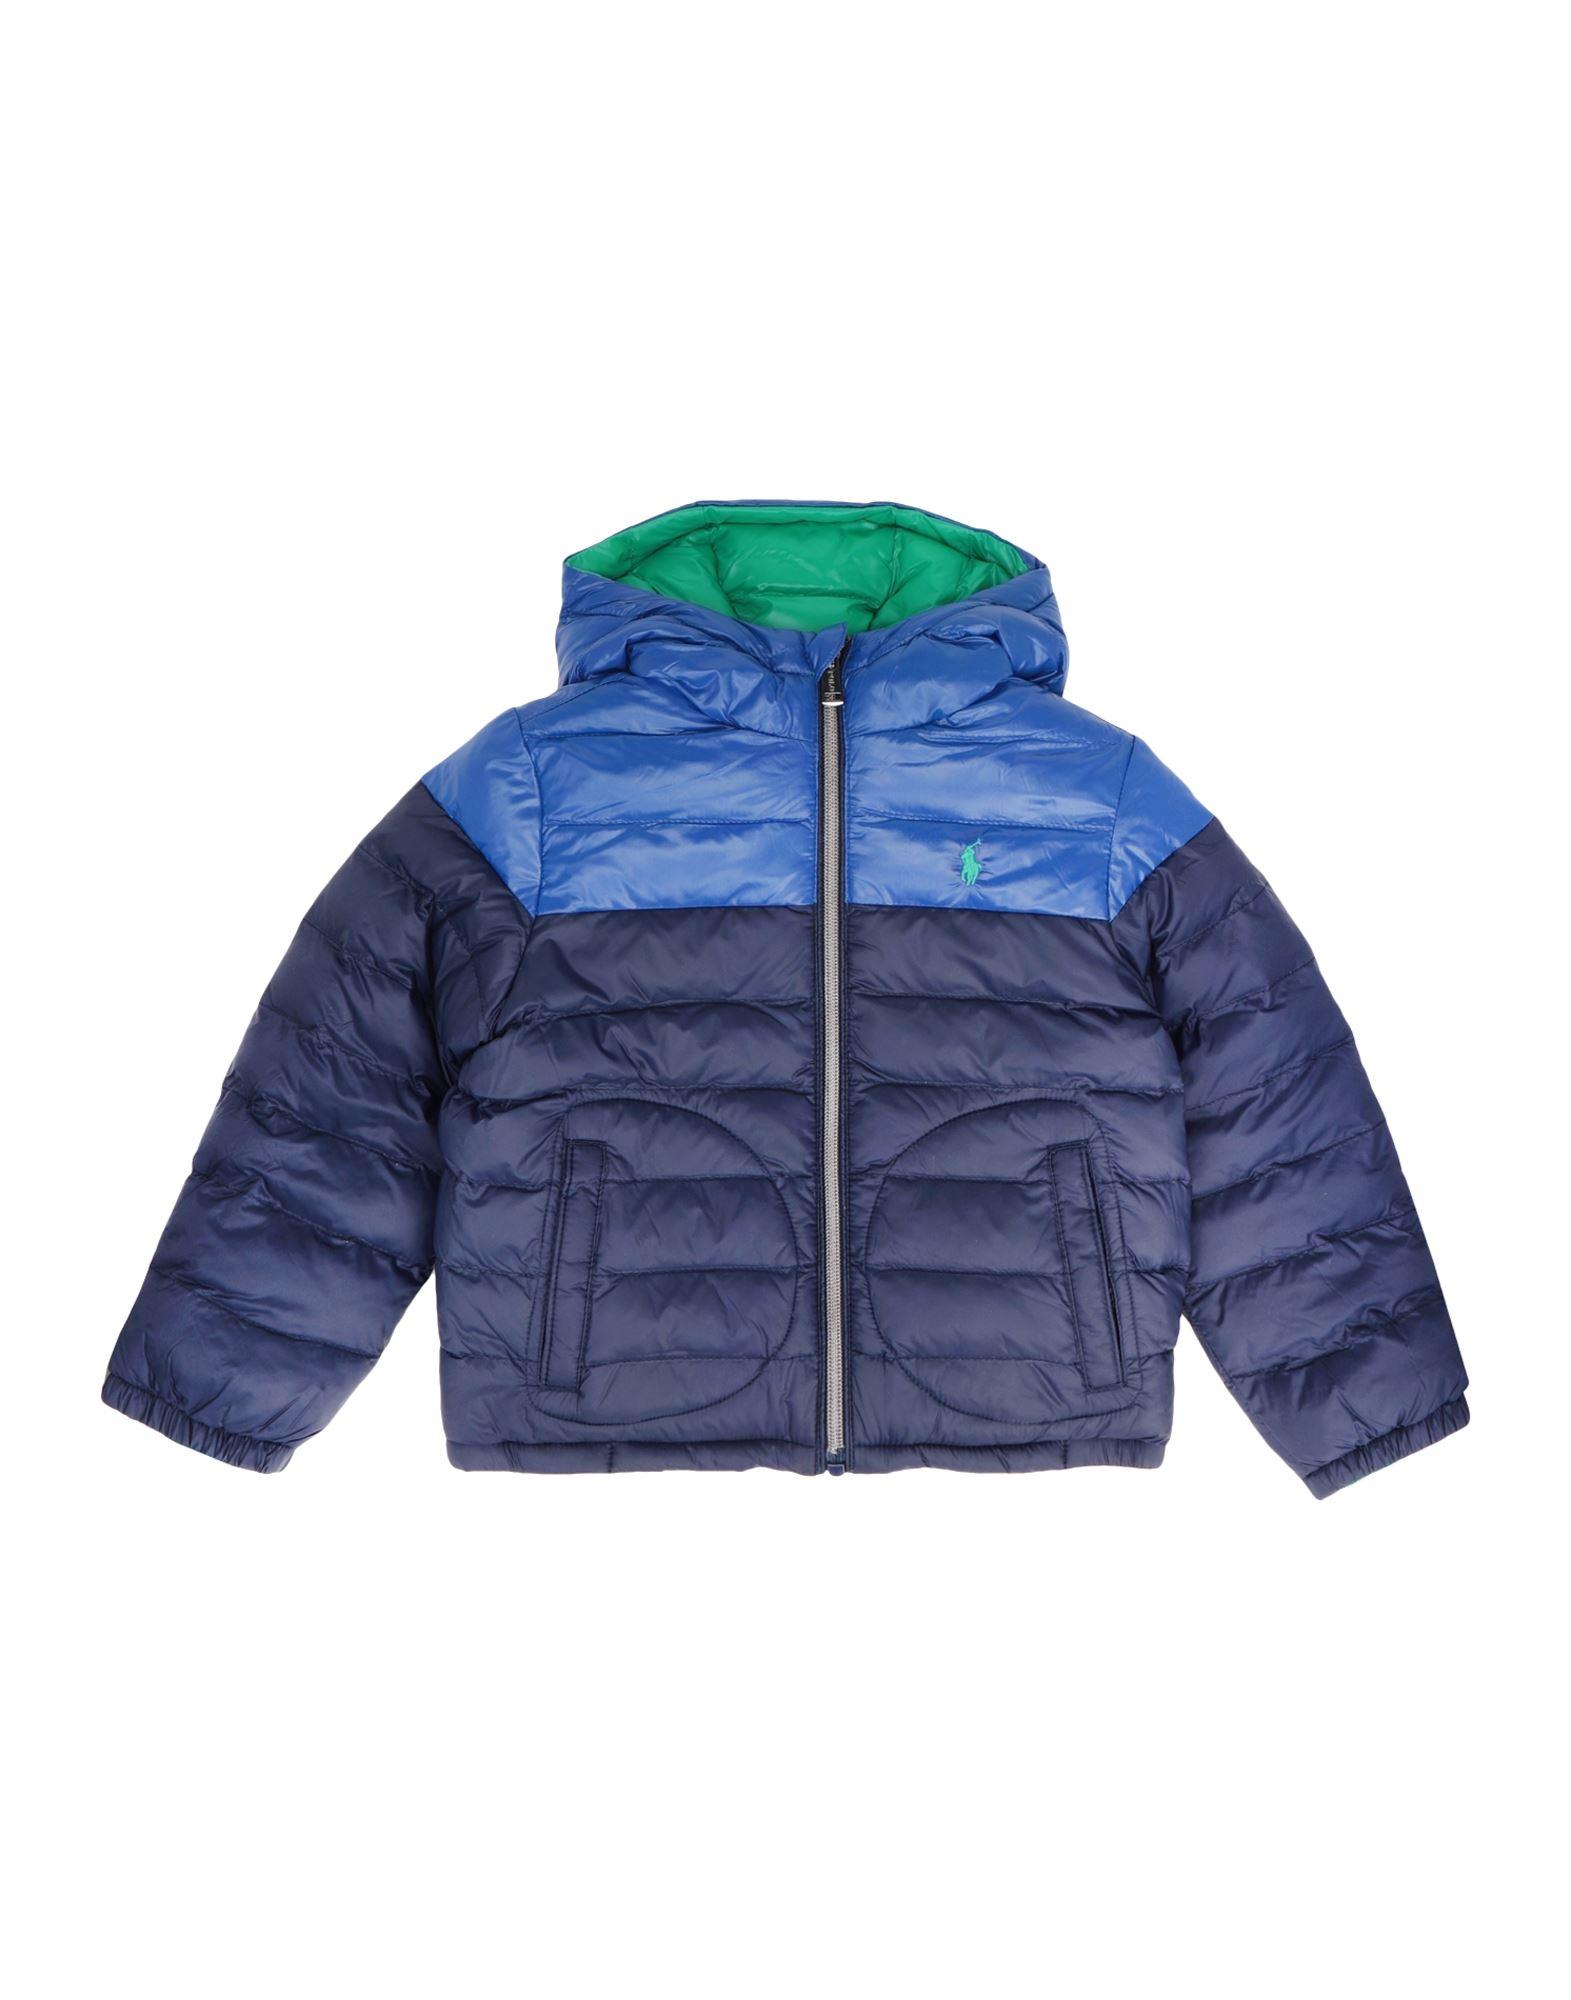 《セール開催中》RALPH LAUREN ボーイズ 3-8 歳 合成繊維中綿アウター ダークブルー 8 リサイクル ナイロン 100% Reversible Water-Resistant Jacket